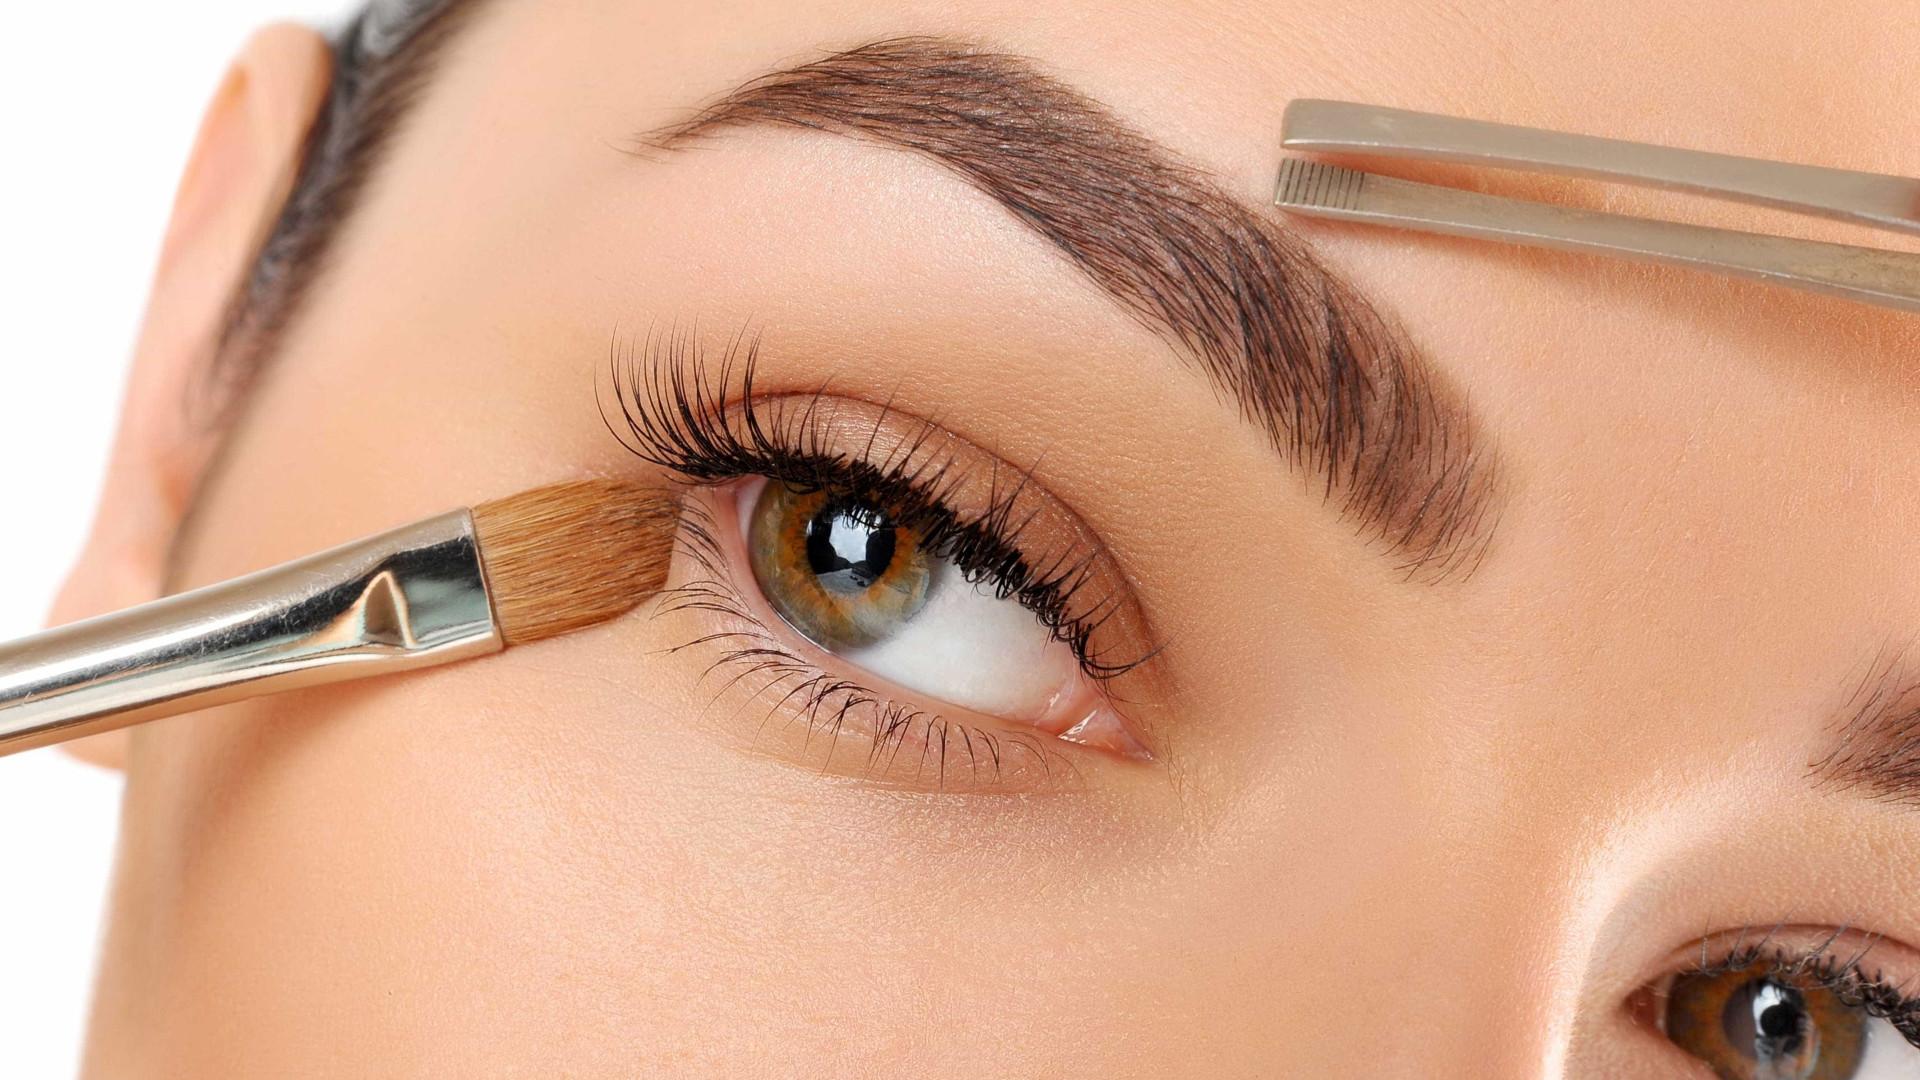 Fortificante para sobrancelhas promove crescimento dos fios